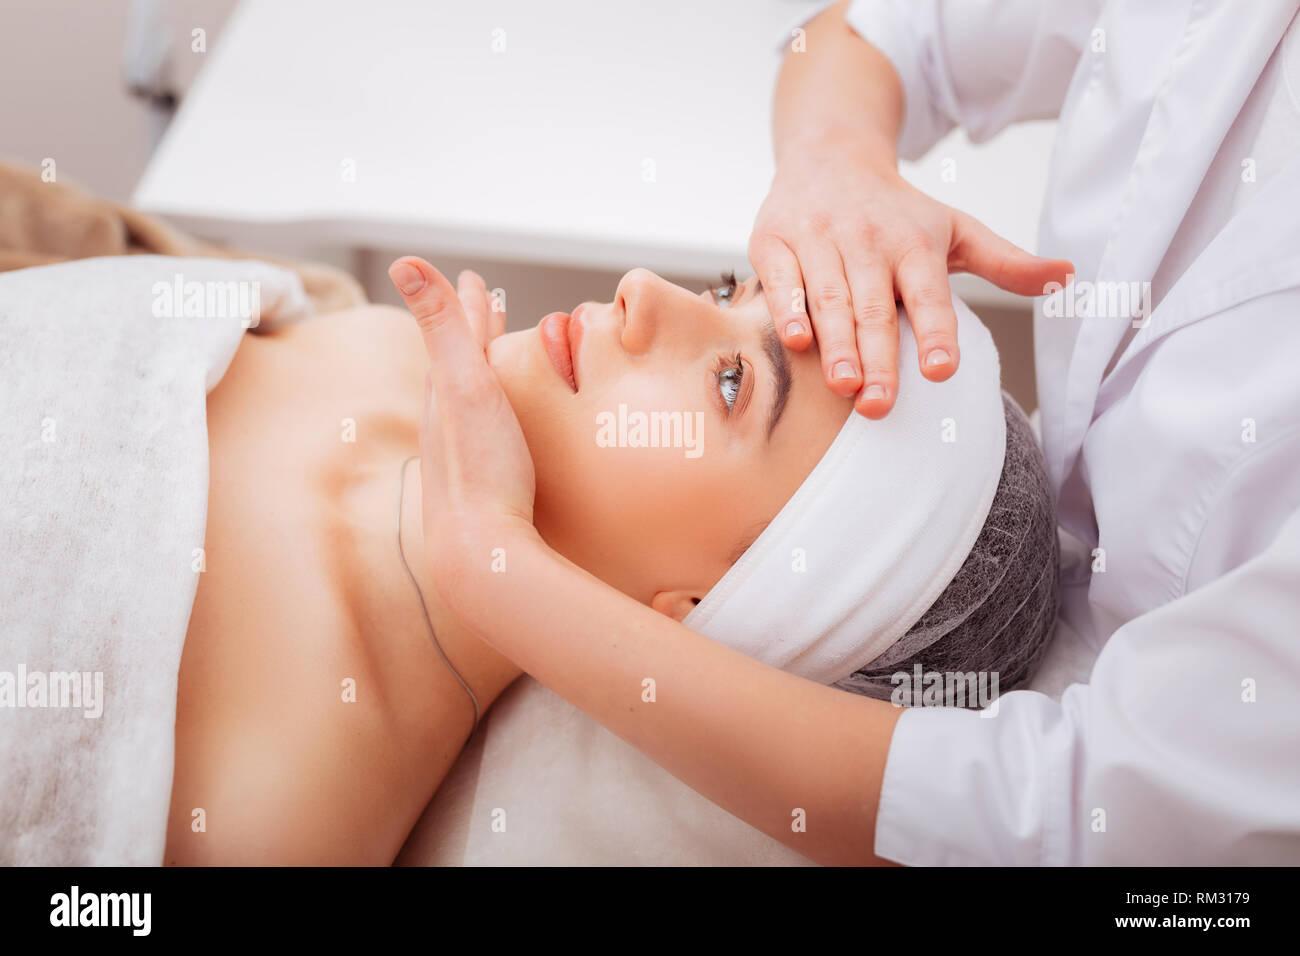 Nice young woman enjoying her facial massage - Stock Image